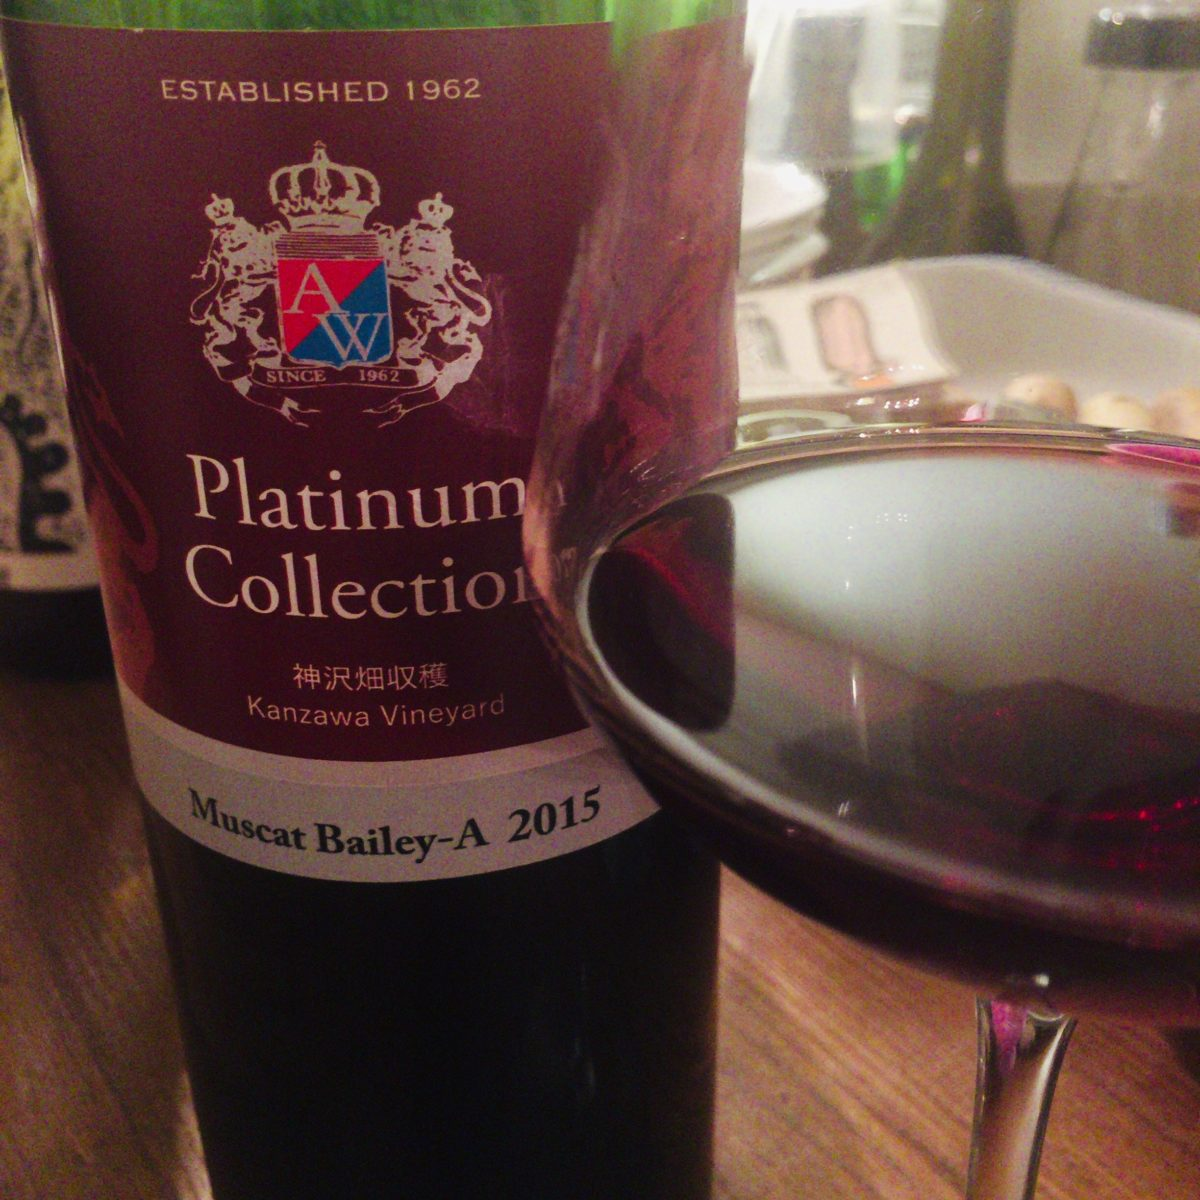 プラチナコレクション マスカット・ベーリーA 2015 / アルプスワイン